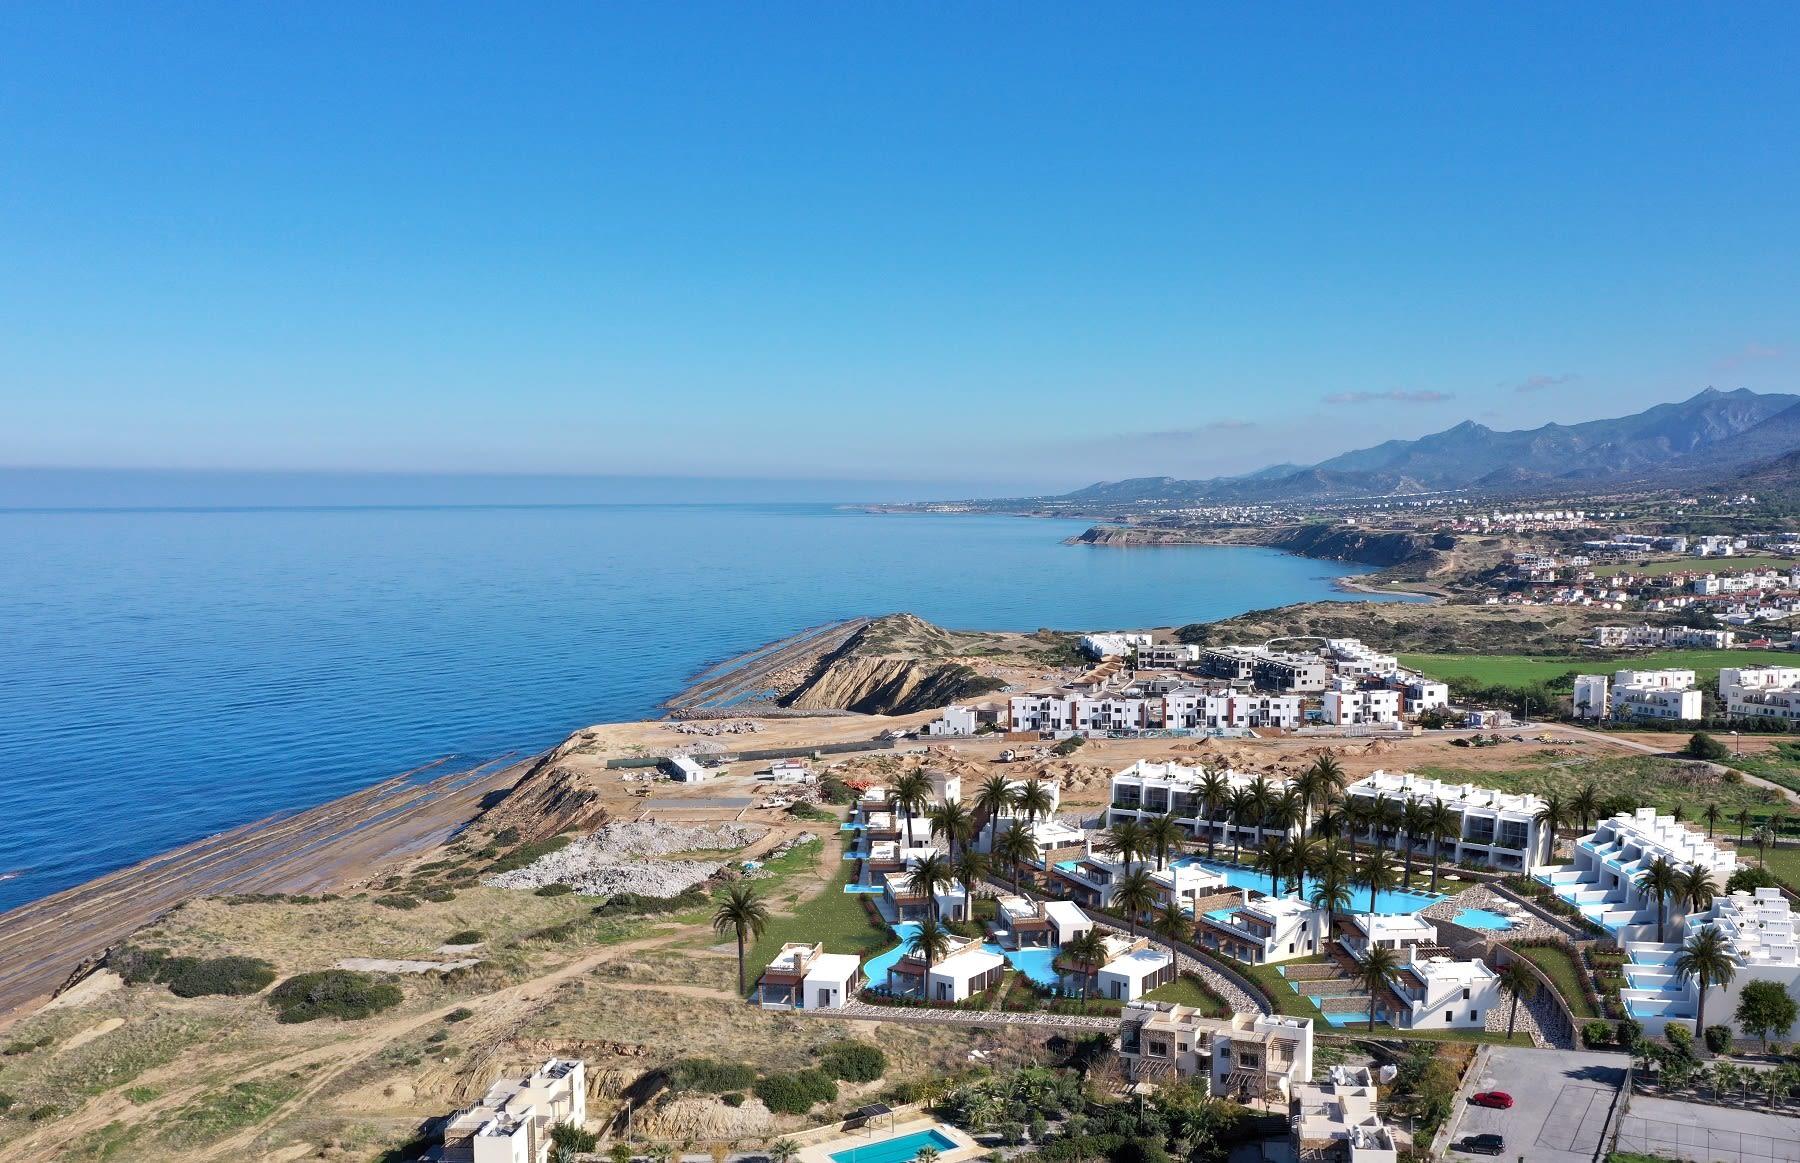 Esentepe'de Marina Üzerinde Satılık 3+1 ve Özel Havuzlu Villalar 8445